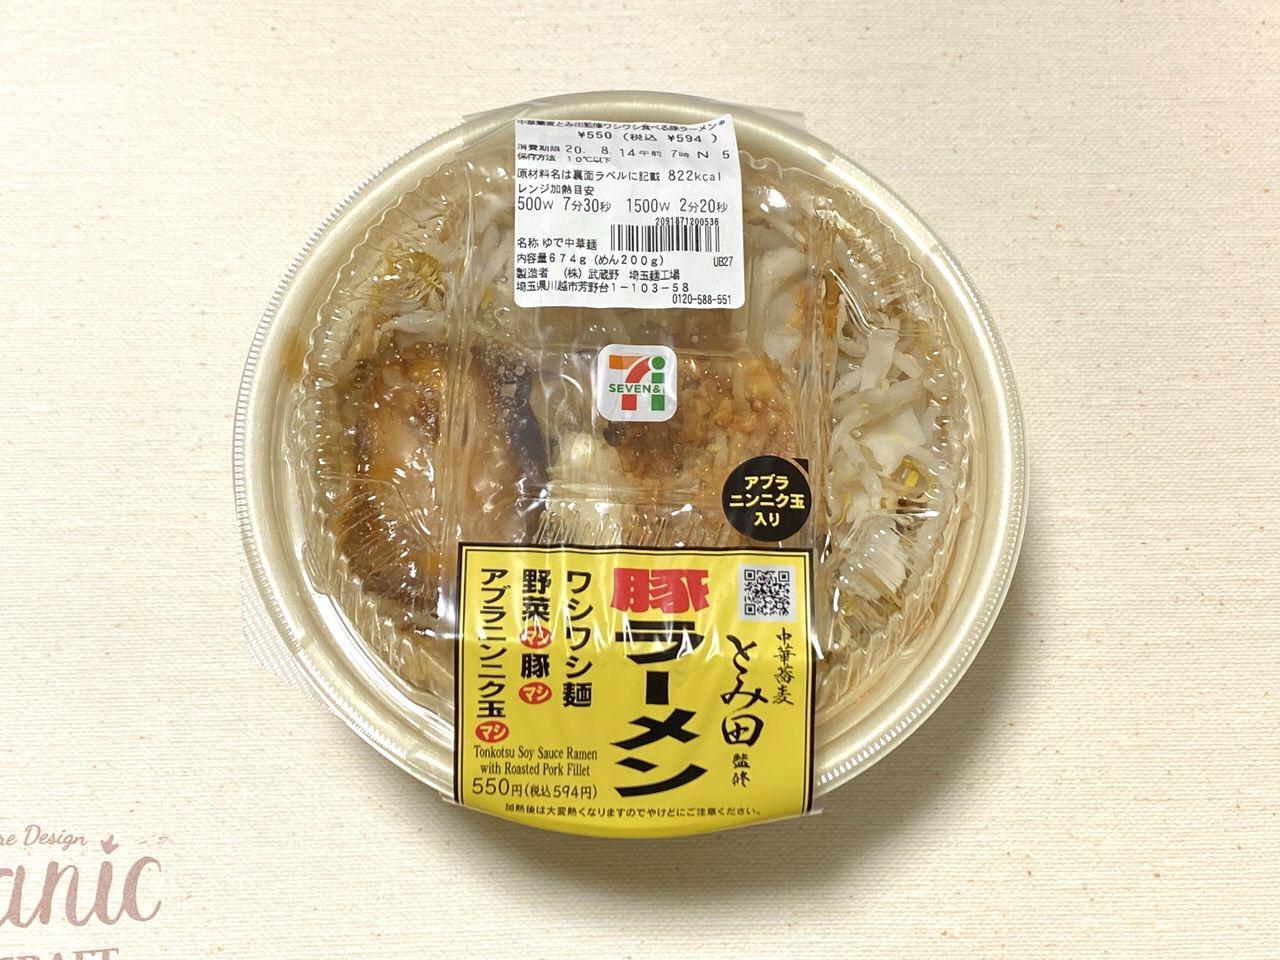 【セブンイレブン】家で食べられる旨い二郎系ラーメン「中華蕎麦 とみ田監修 豚ラーメン」食べてみた